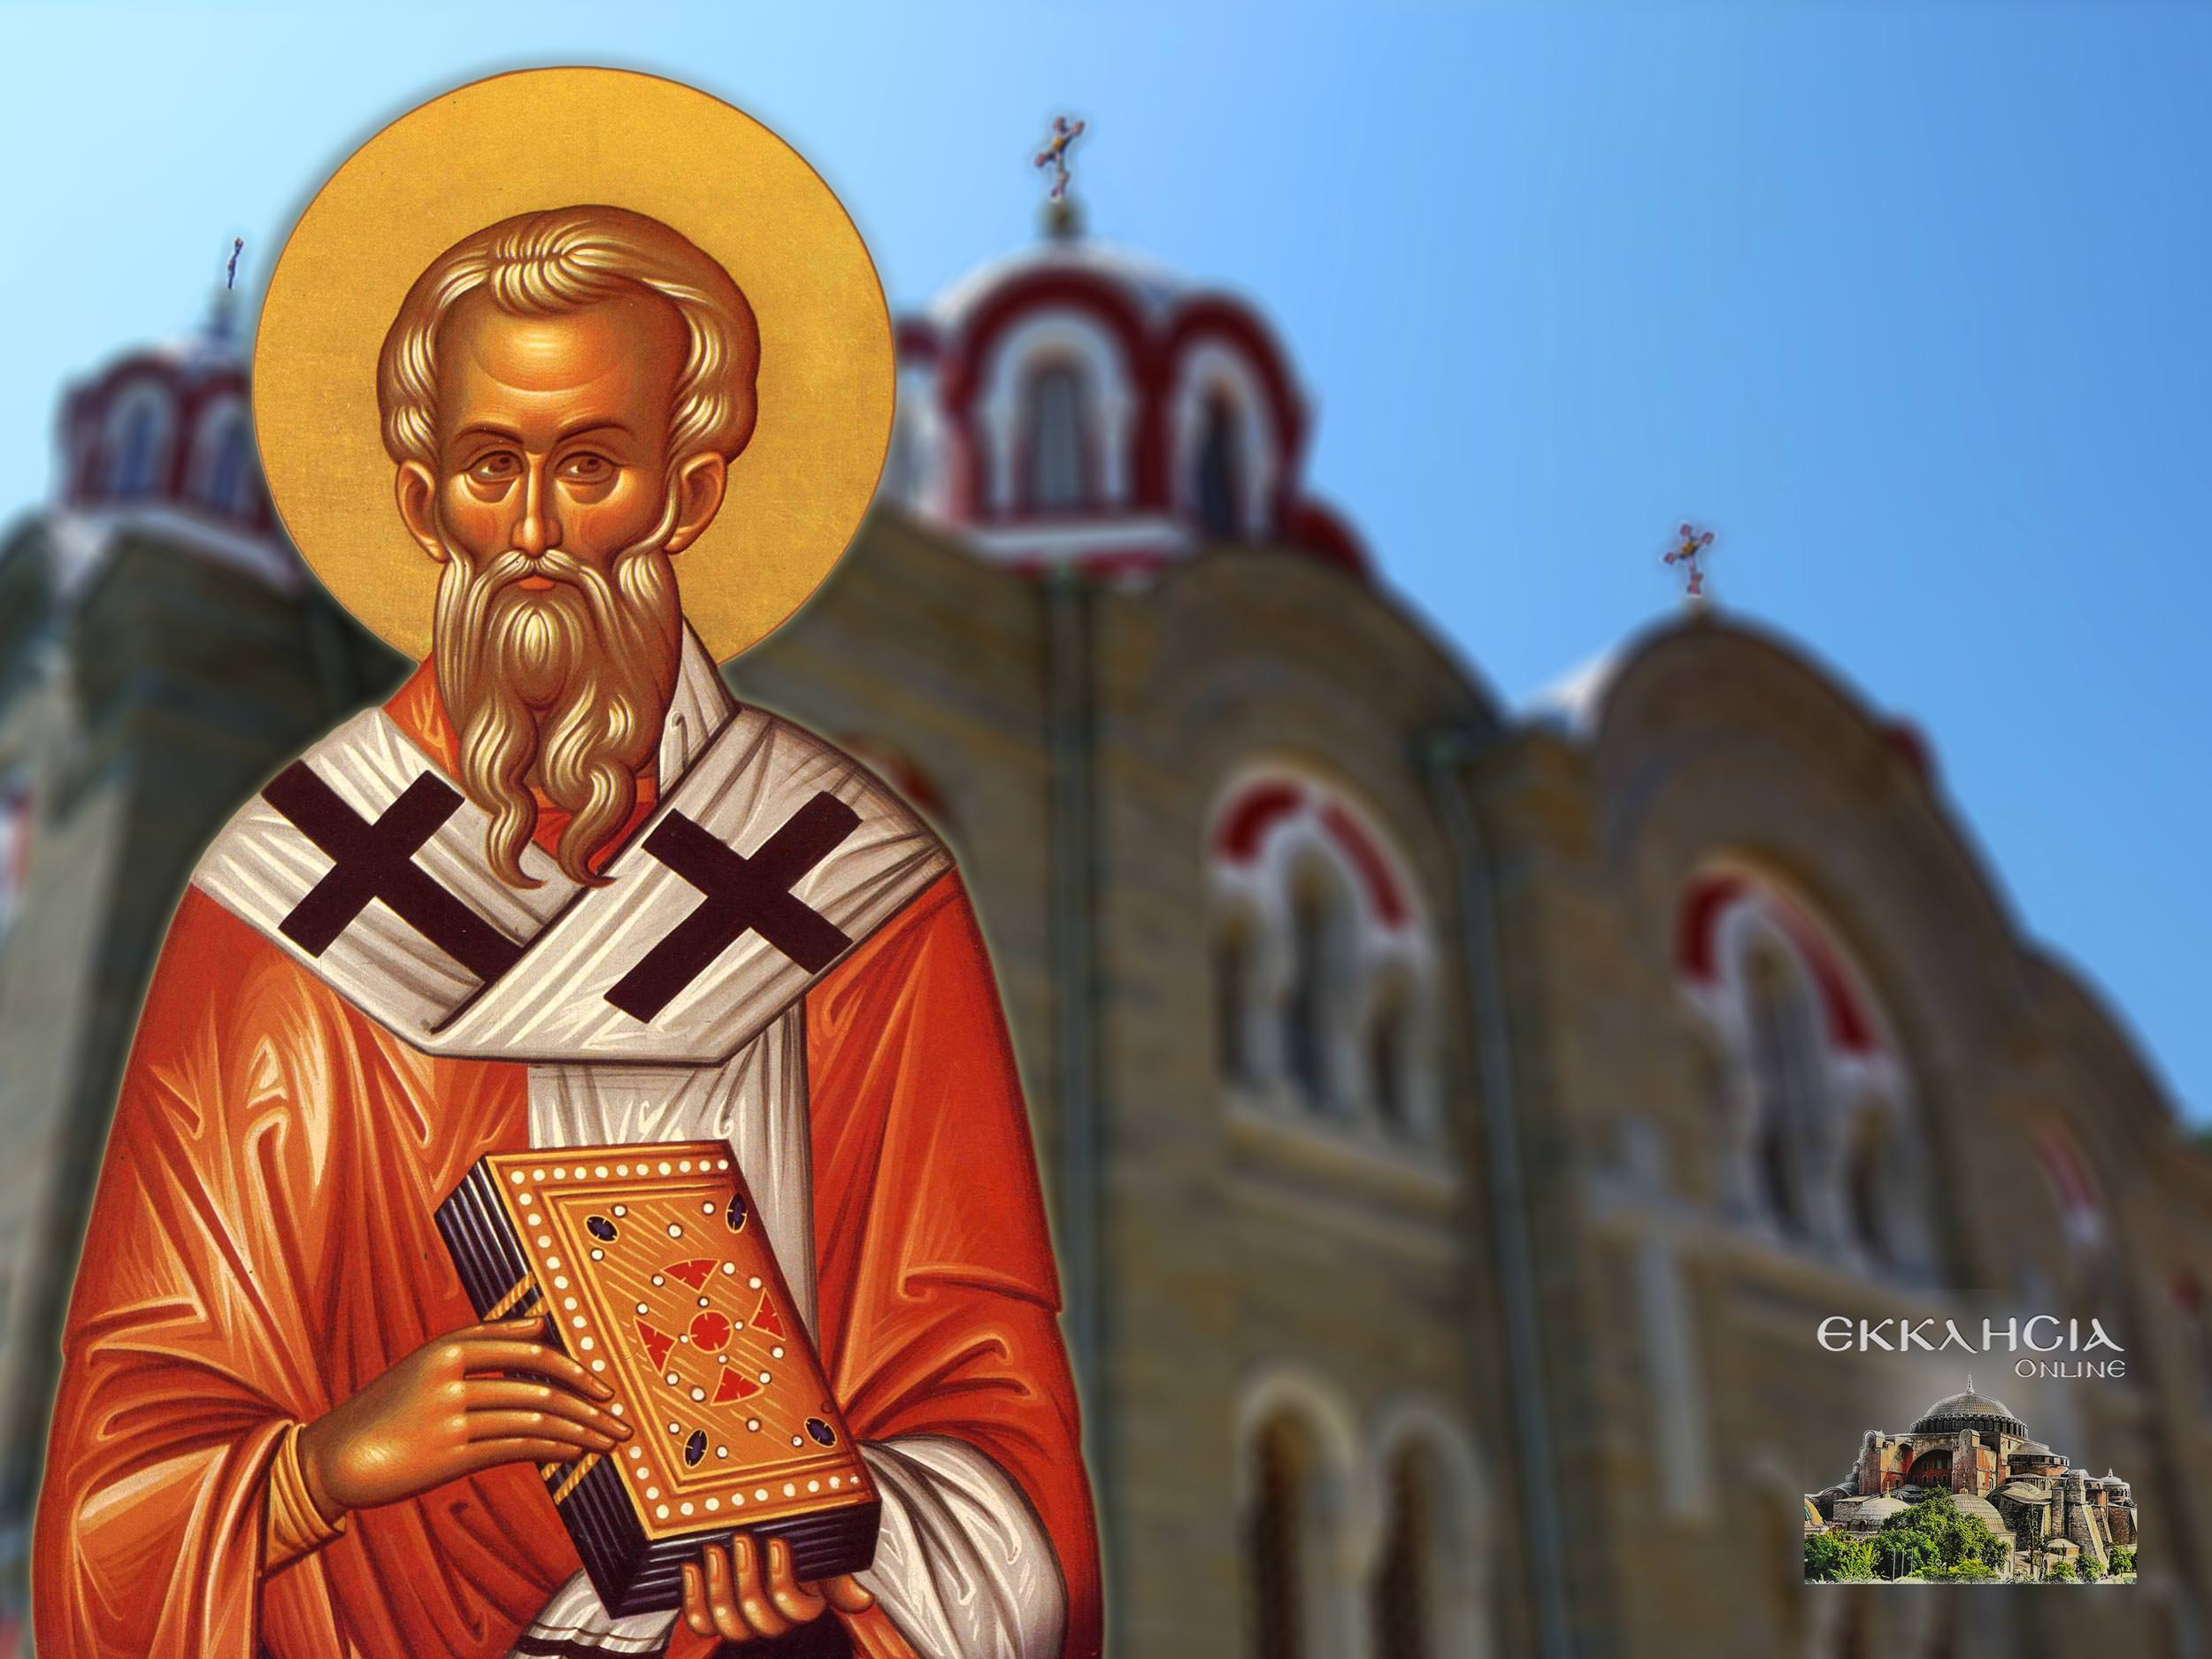 Άγιος Άνθιμος ο Ιερομάρτυρας 3 Σεπτεμβρίου